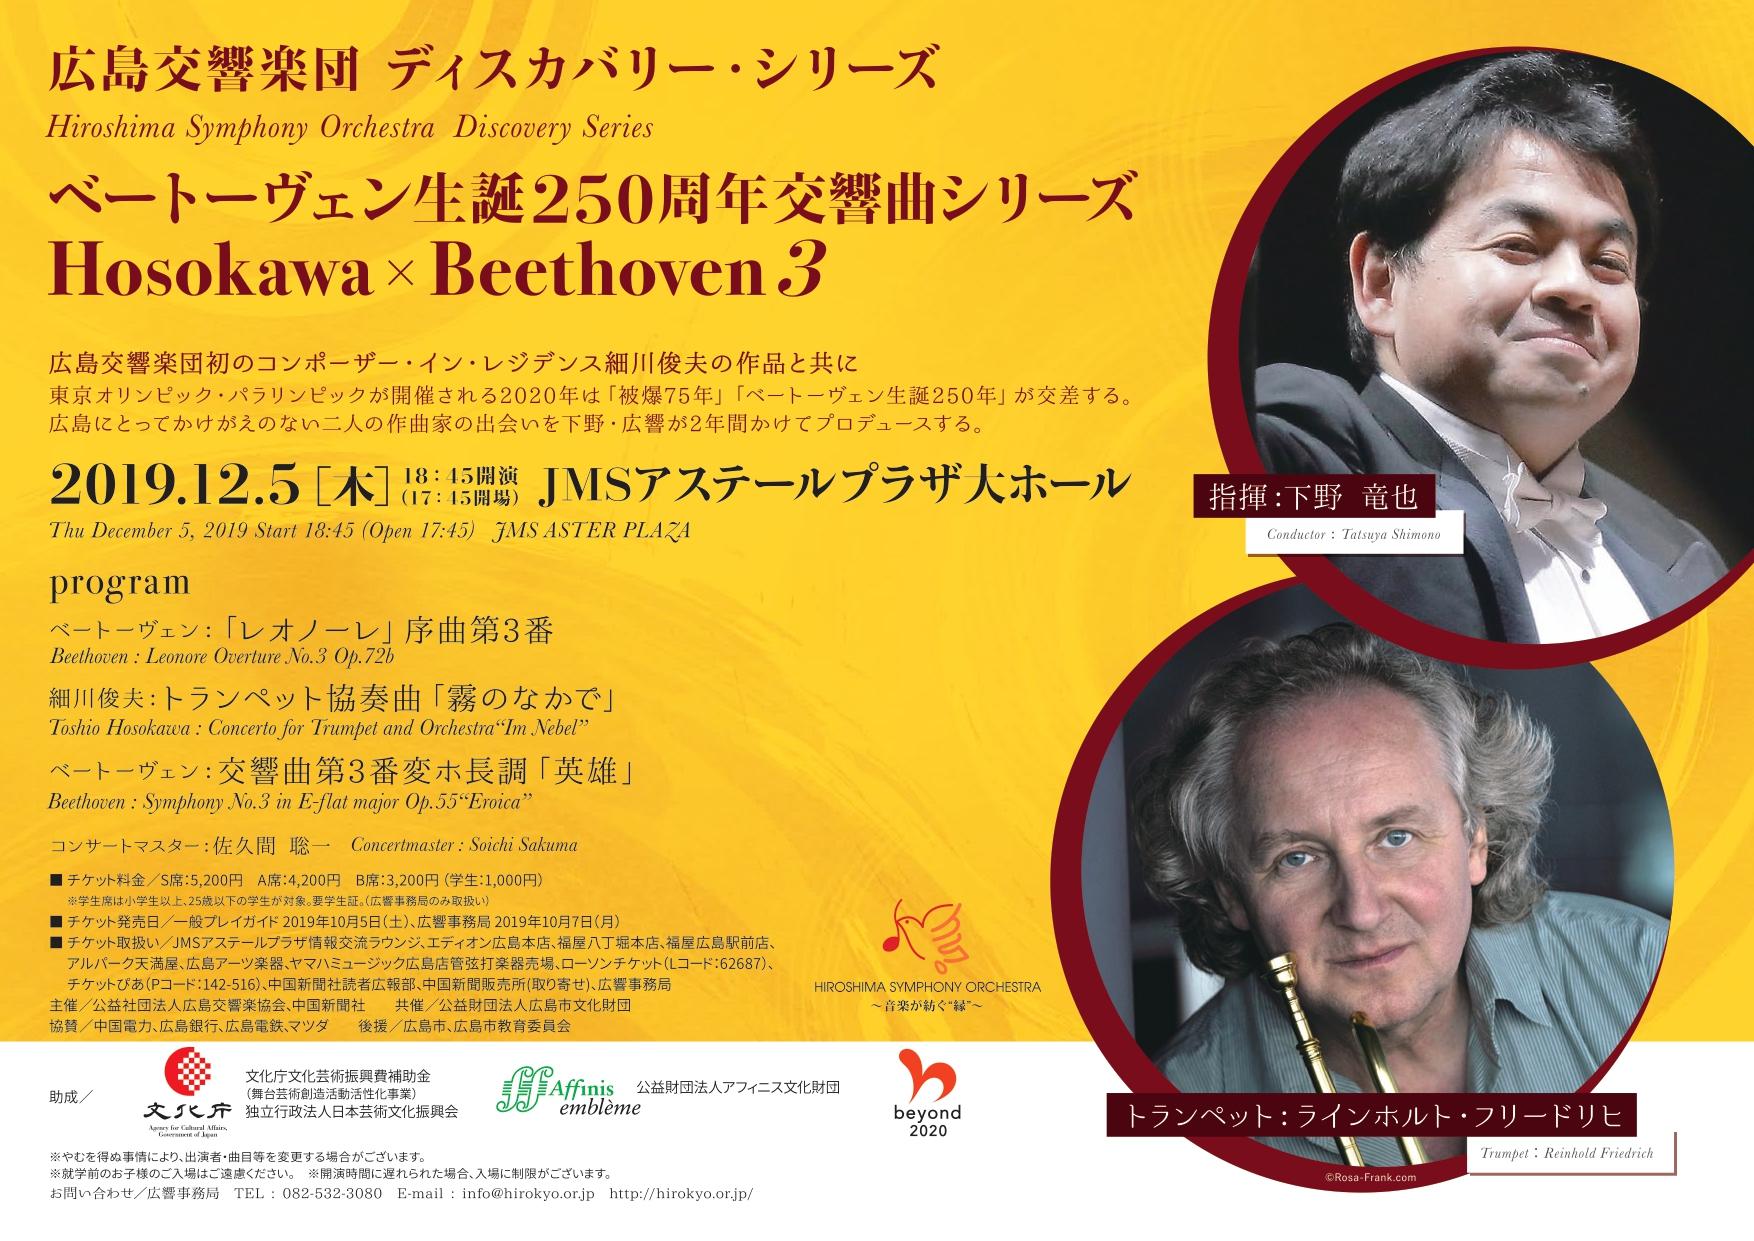 ディスカバリー・シリーズ3〈ベートーヴェン生誕250周年交響曲シリーズ〉Hosokawa×Beethoven